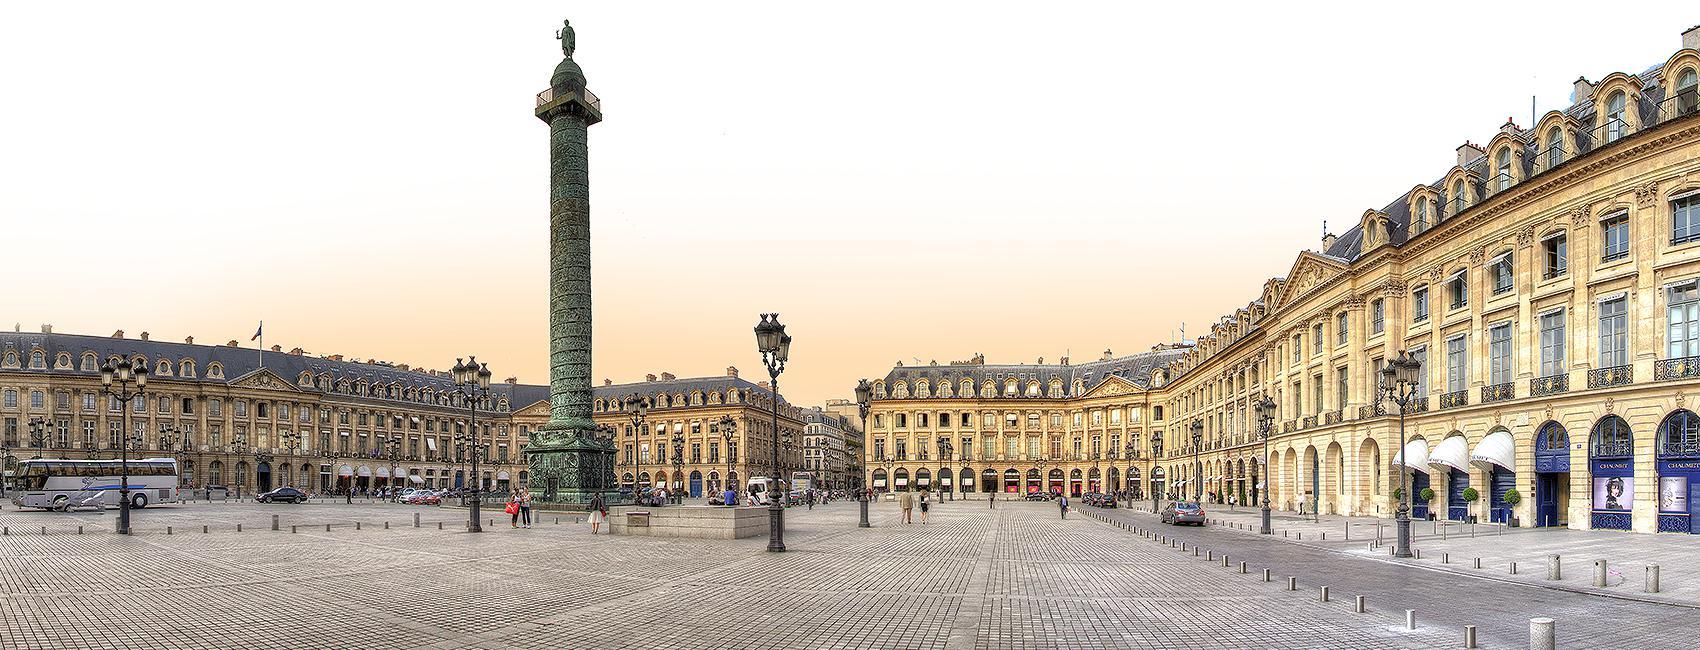 CHANEL Place Vendôme Paris Esprit de Gabrielle jeronimodiparigi-dev-esprit-de-gabrielle.pf1.wpserveur.net